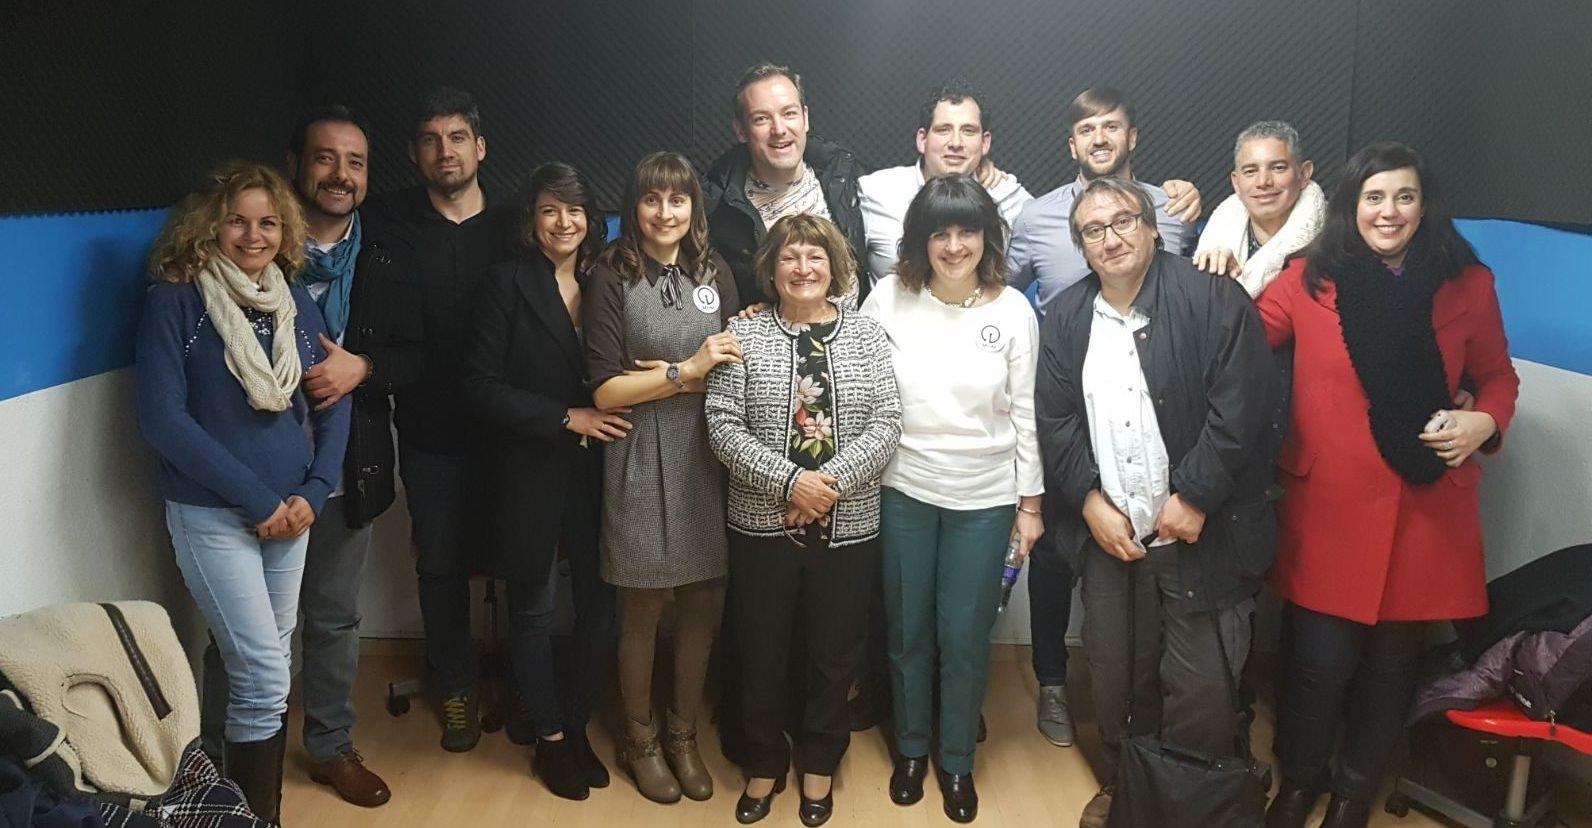 Este sábado 30 de Noviembre- OVNIS 2.0: LA HISTORIA NO CONTADA - Una aproximación diferente- Centro Sociocultural Alfonso XII 4